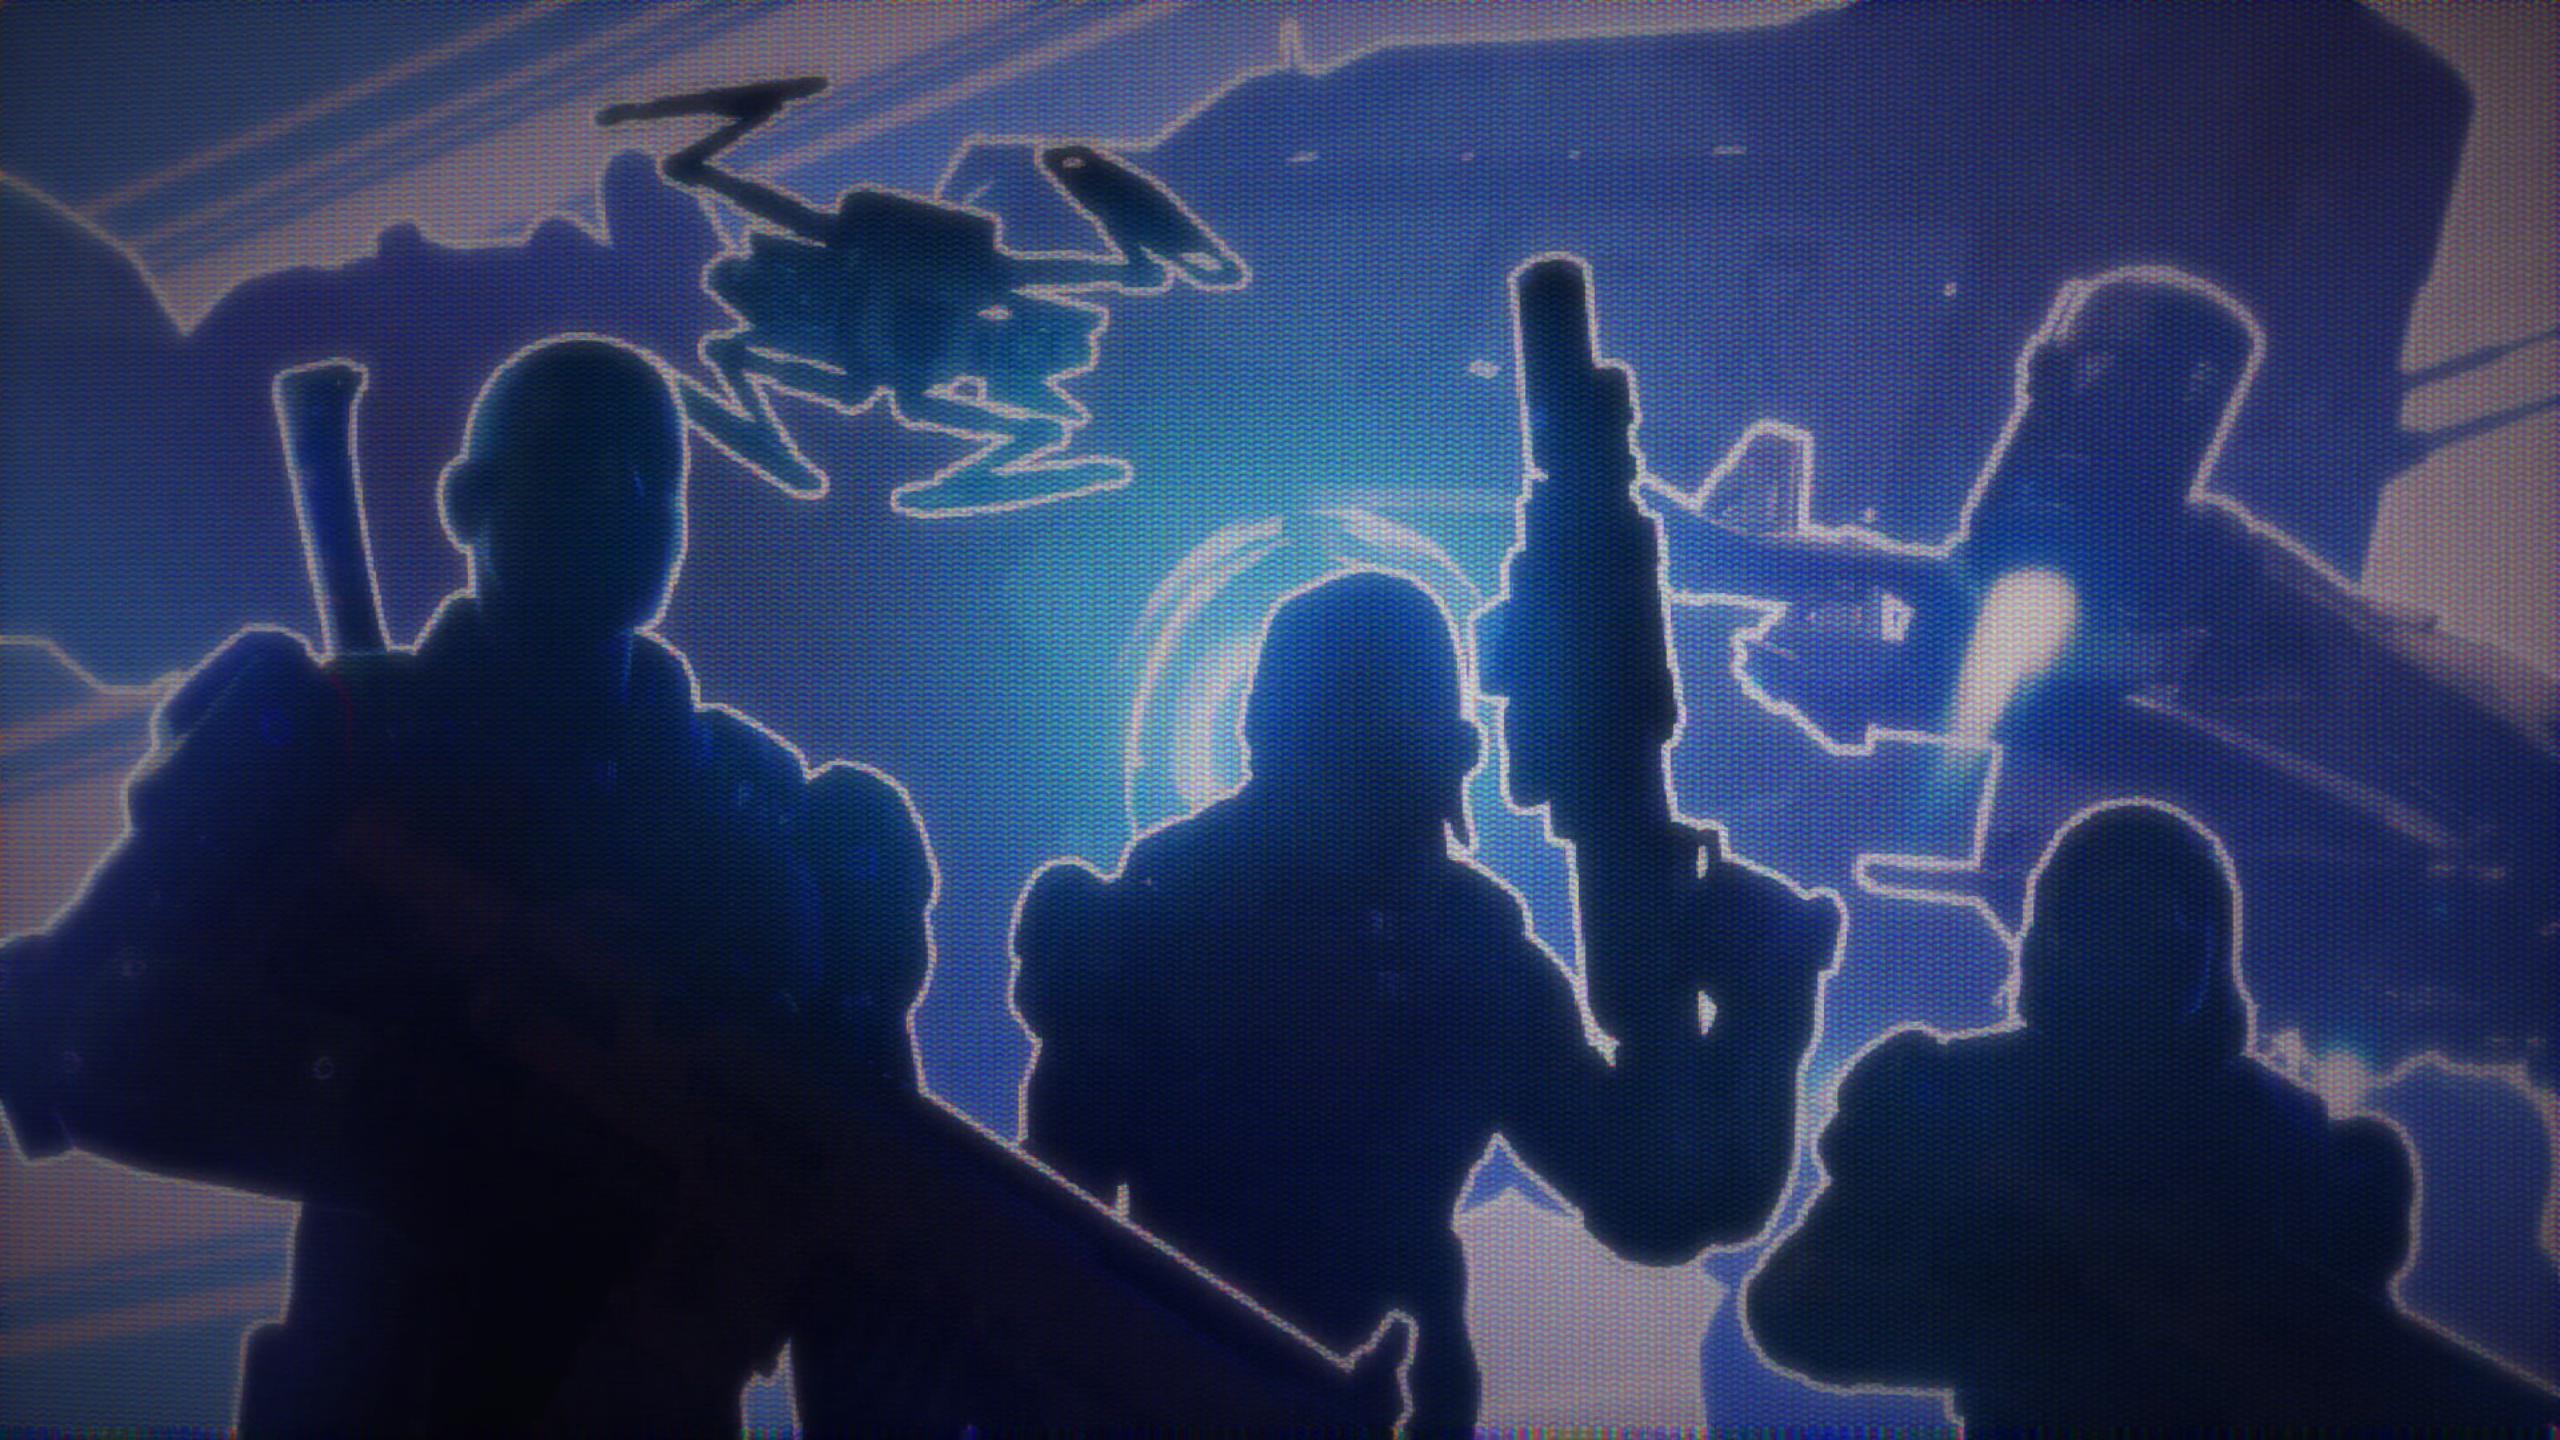 Wallpaper Xcom 2 Concept Art Video Game Art 2560x1440